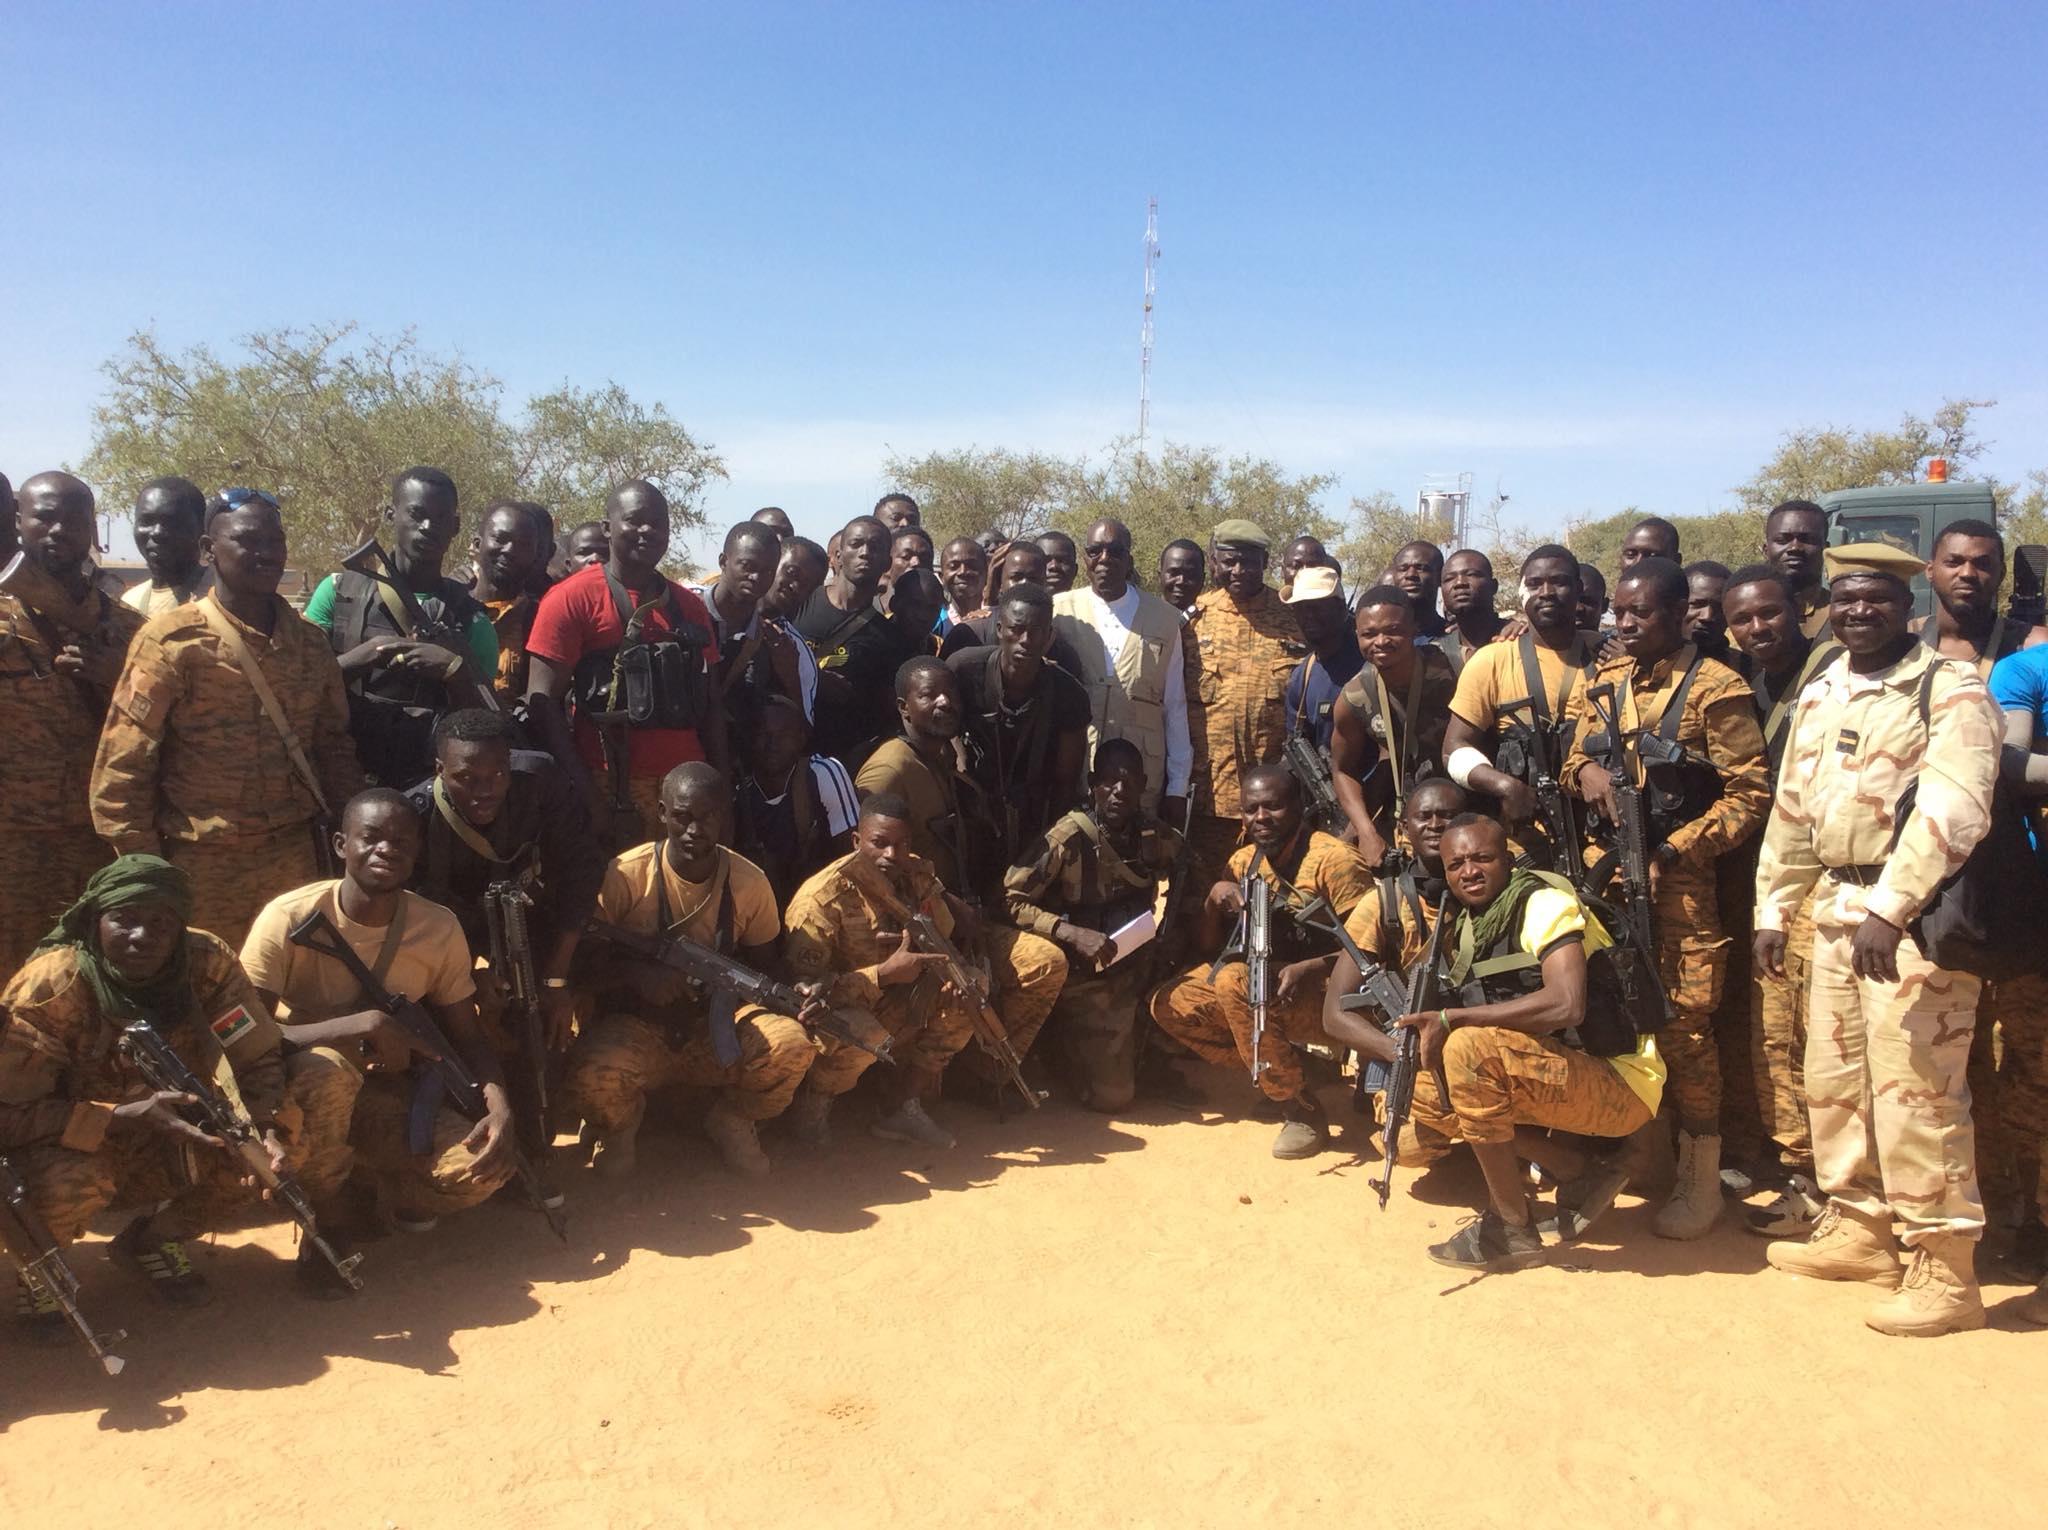 Région du Sahel : Le ministre de la sécurité en visite de soutien et d'encouragement de ses troupes sur le terrain .